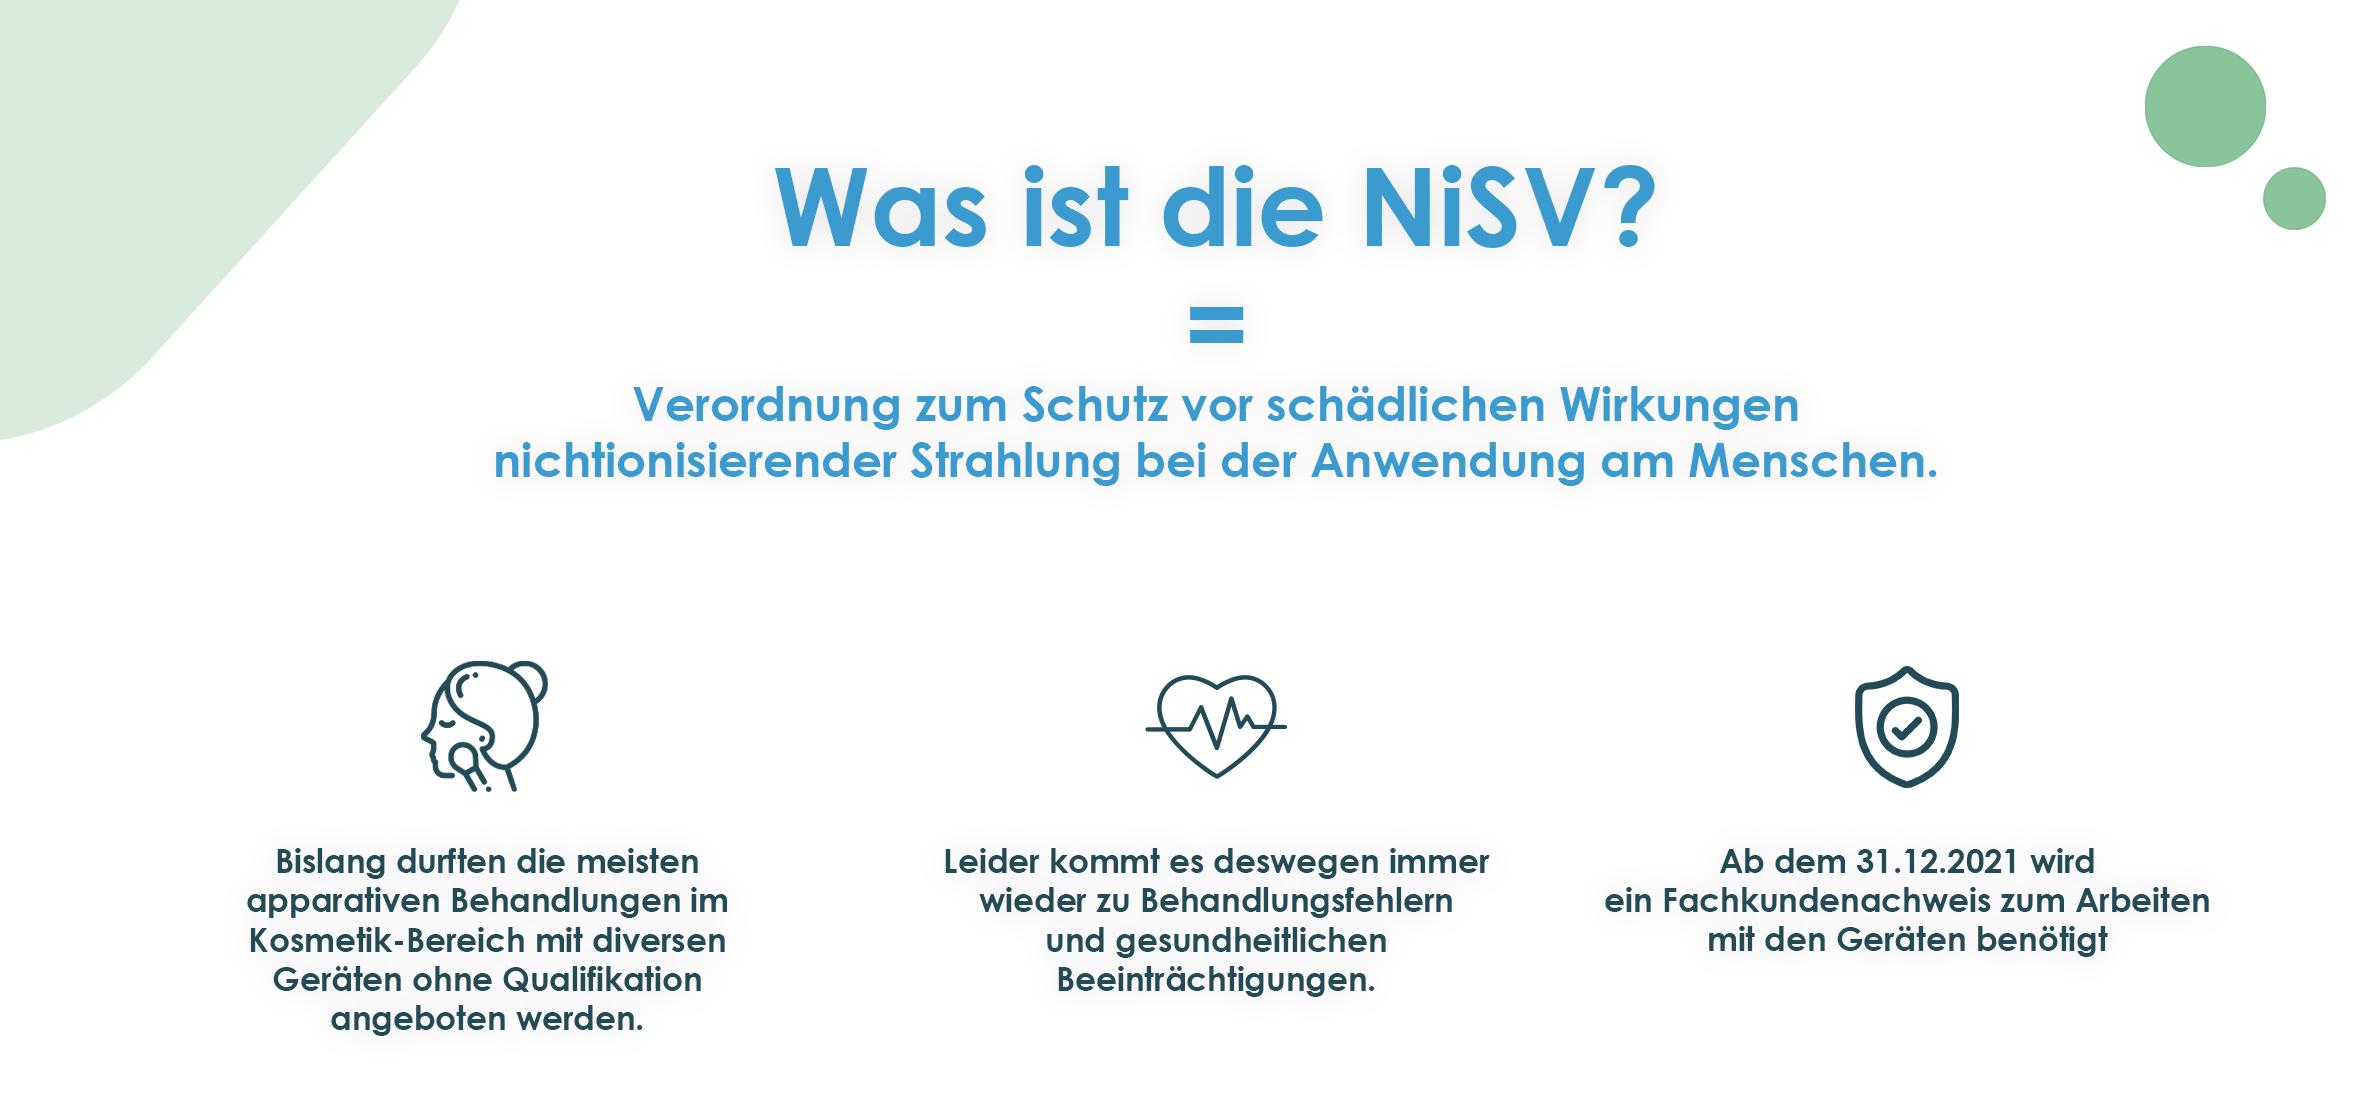 Was ist die NISV? Baga erklärt was die NISV ist.